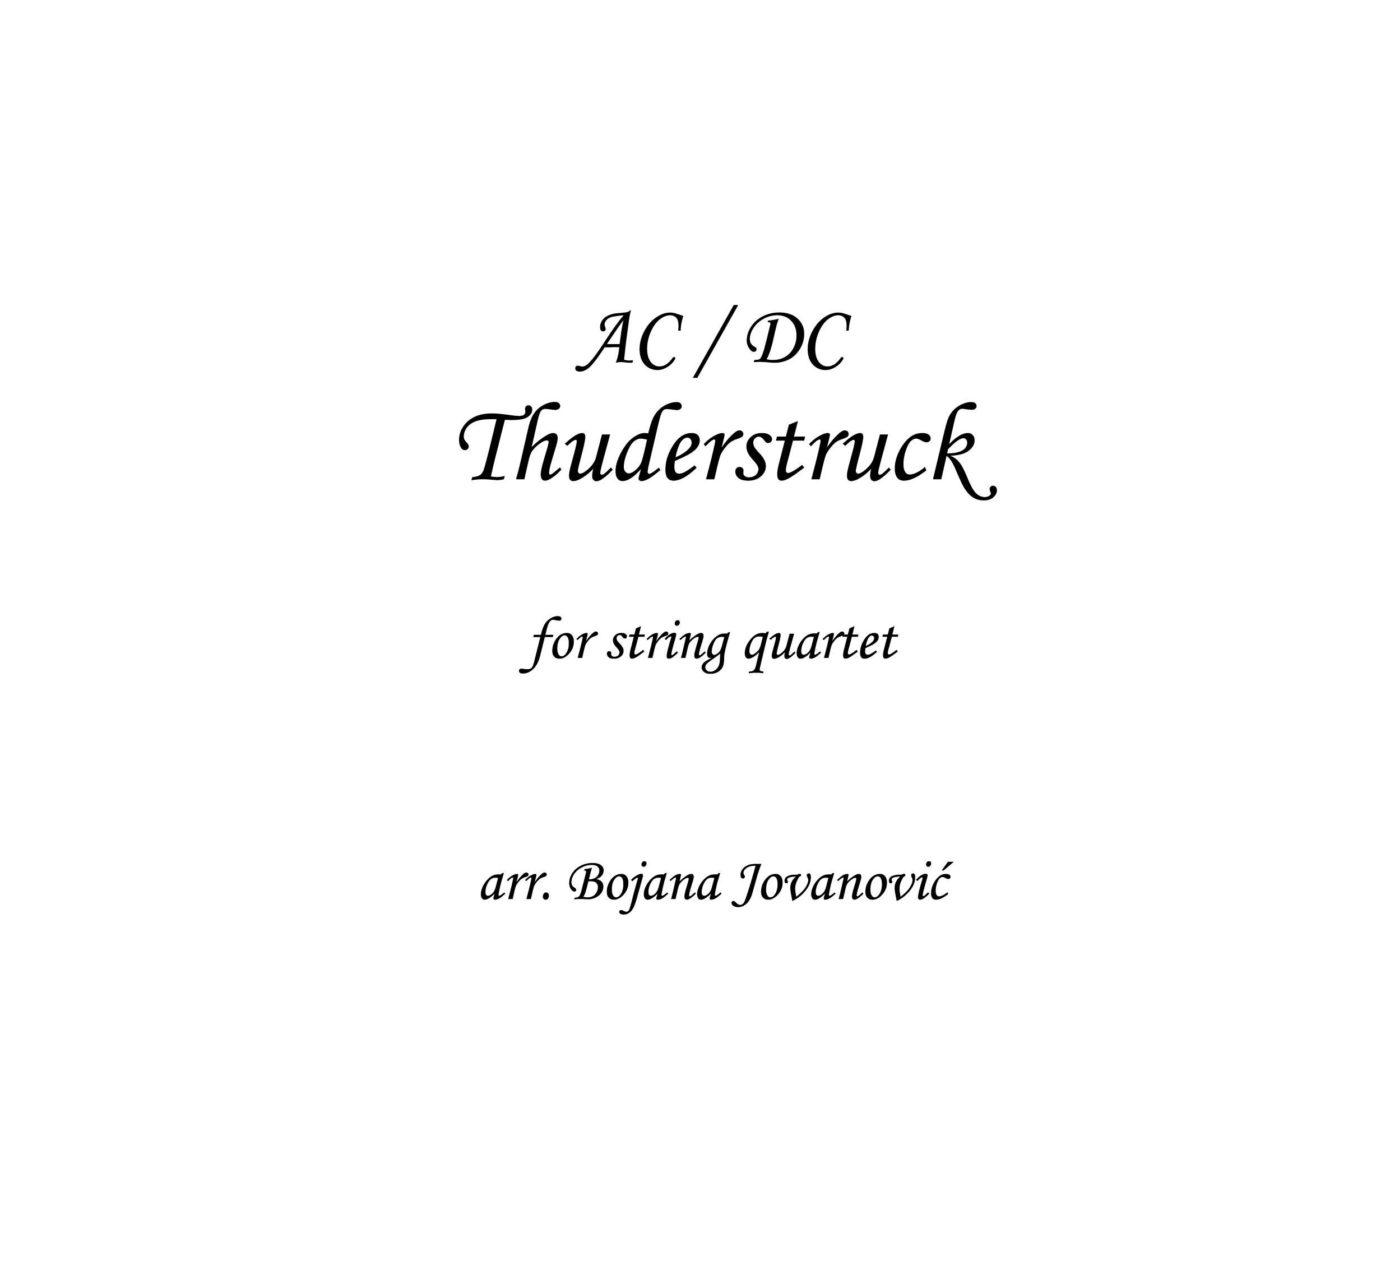 Thunderstruck ( film)